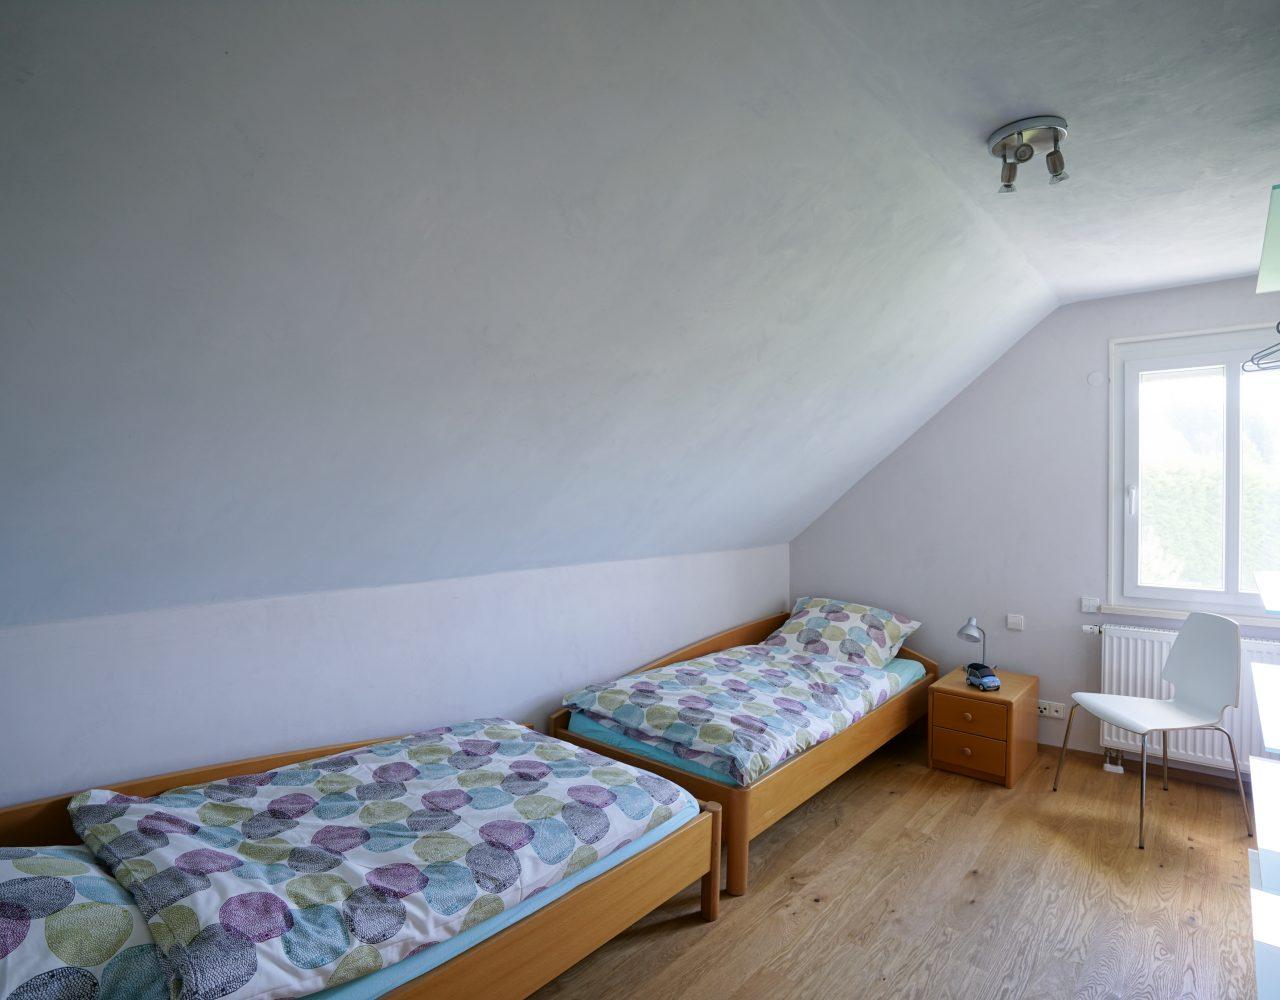 Matratzenlager kinderzimmer  Liebenweiler 11 – Ferienhaus – Fotos – Liebenweiler11